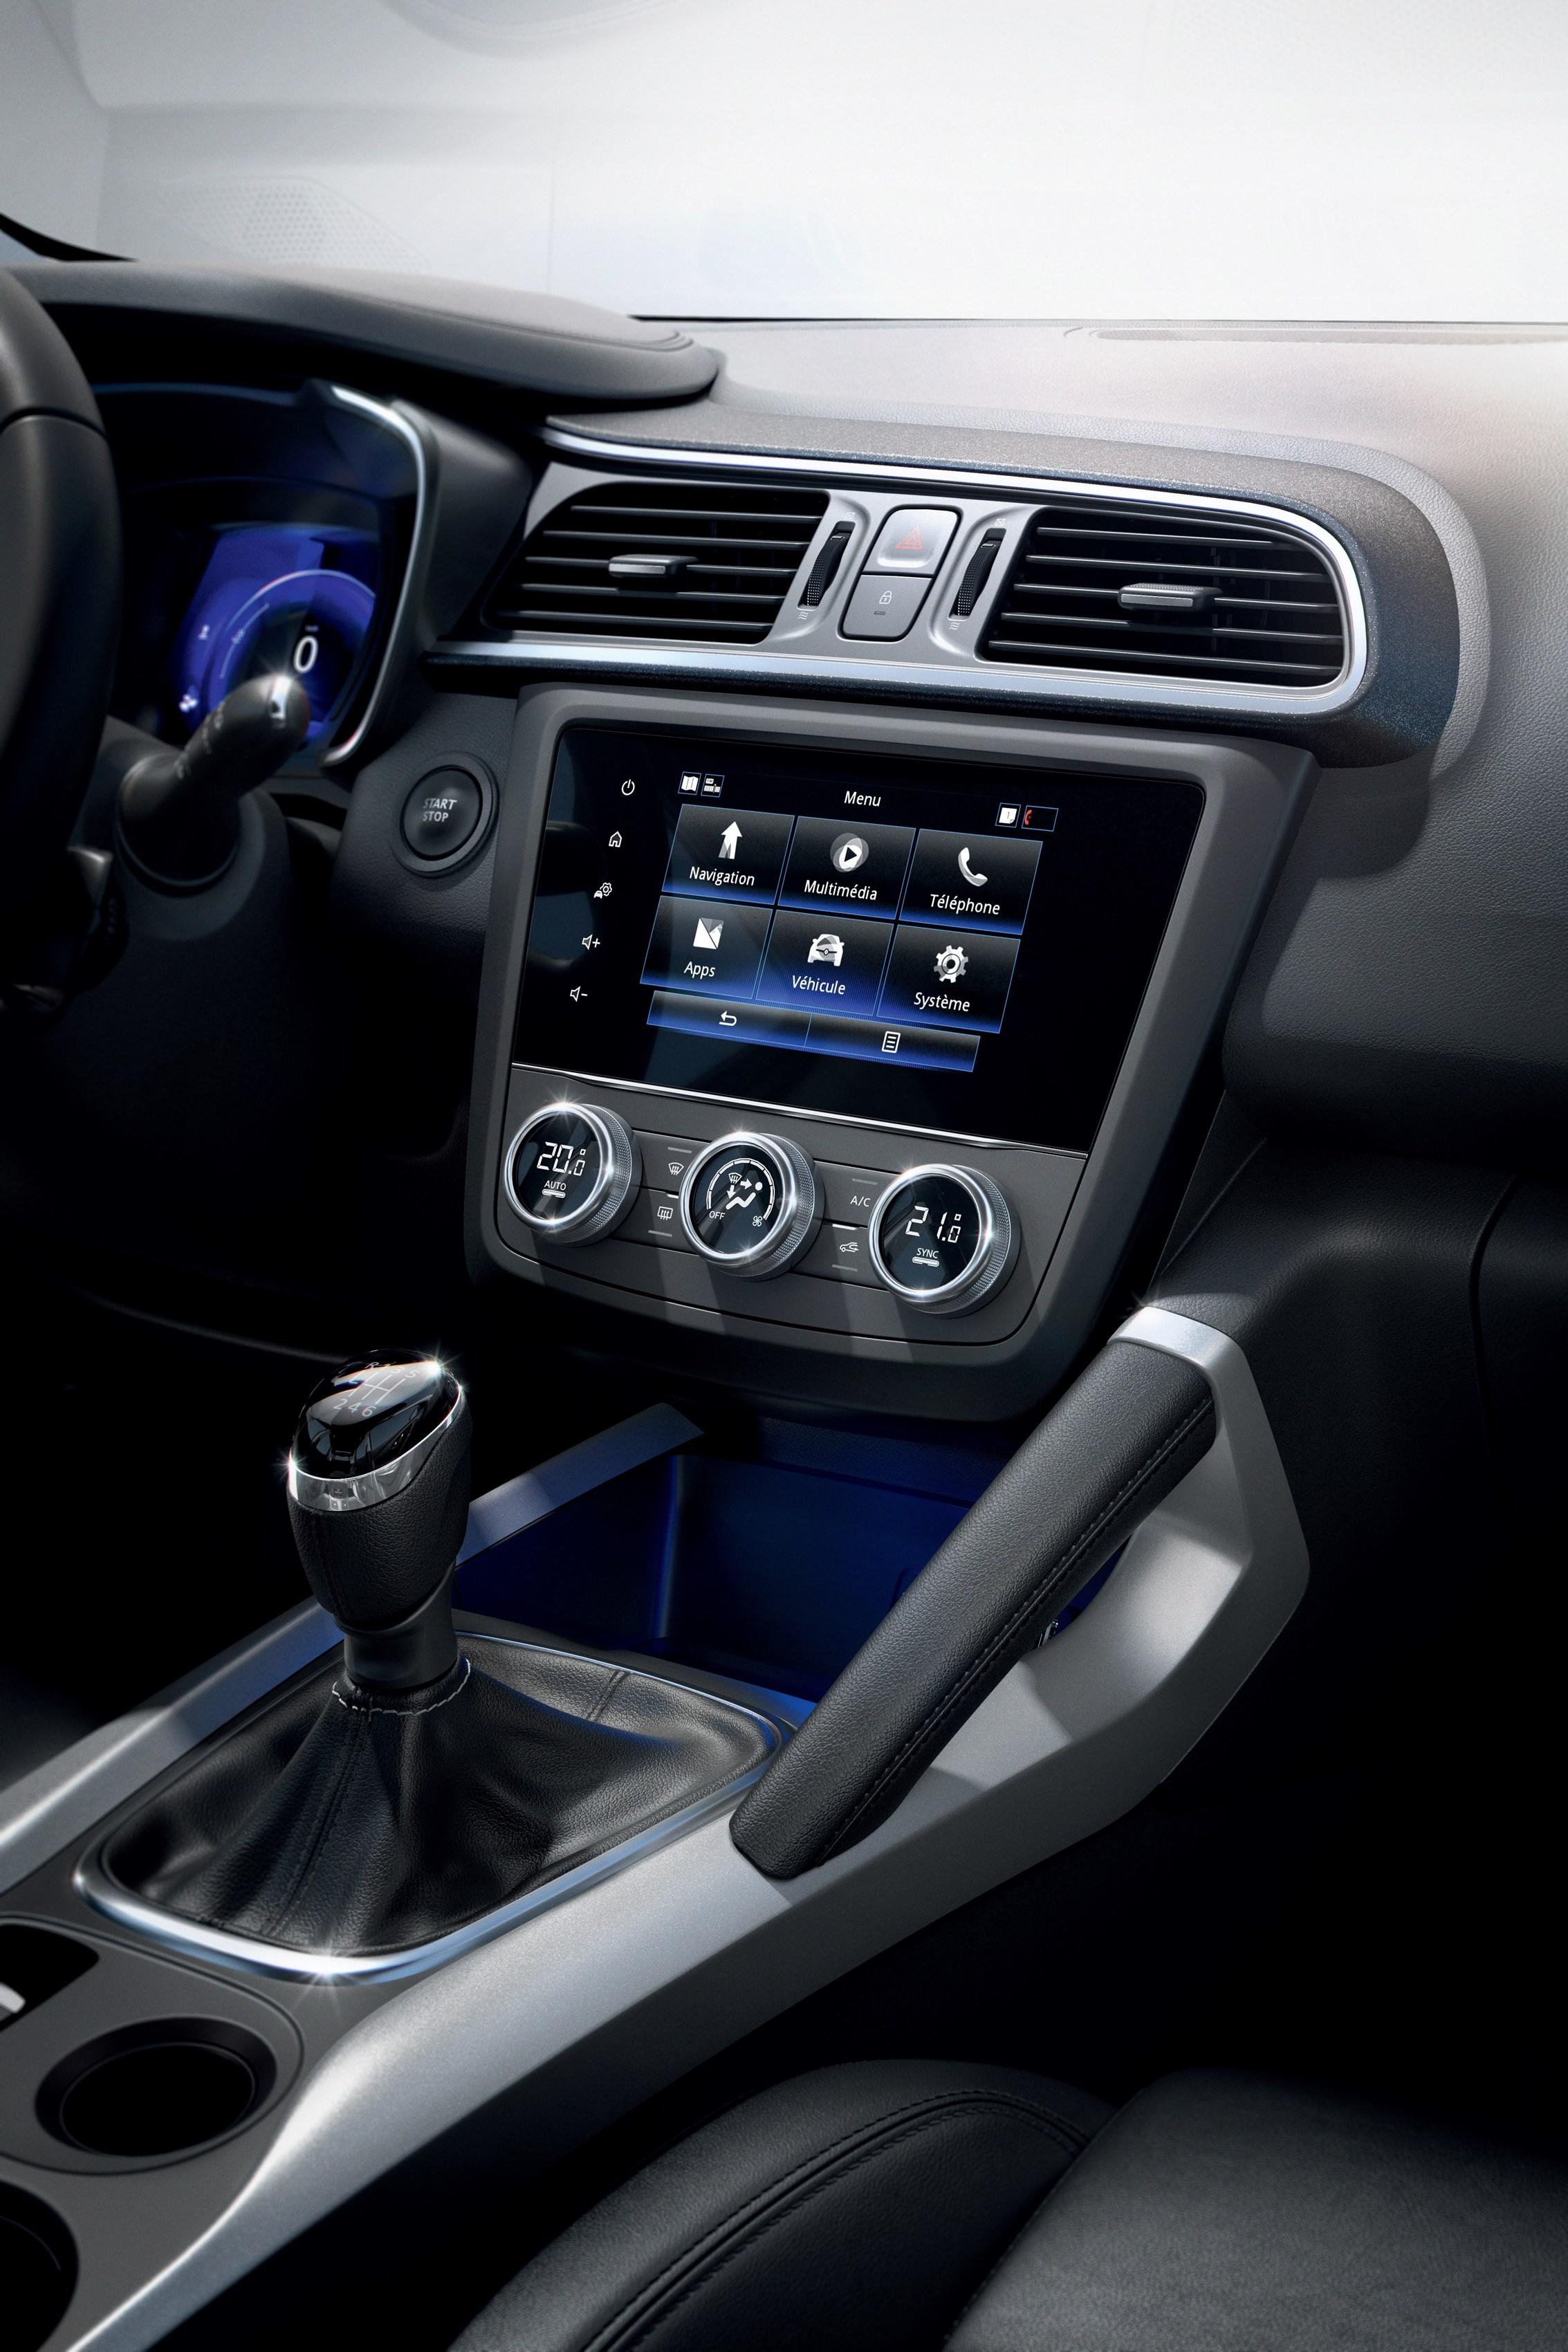 21215296_2018_-_New_Renault_KADJAR